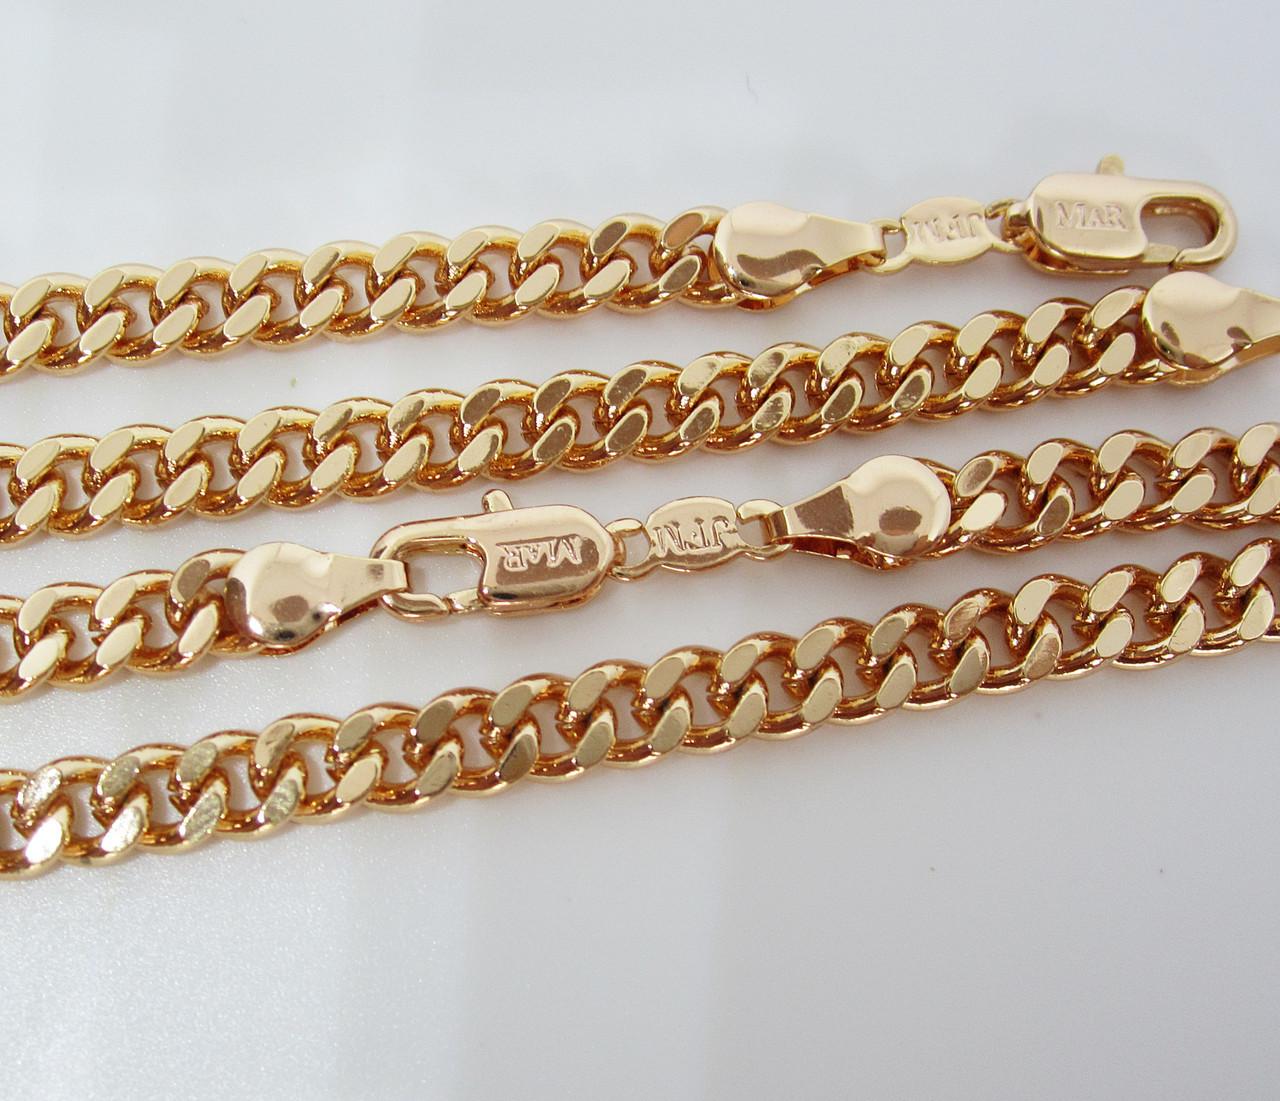 871d1abd3a1f Цепочка+ браслет плетение Панцирное 56 см H-5 мм браслет 20 см под  советское золото, цена 283 грн., купить в Одессе — Prom.ua (ID#734073086)